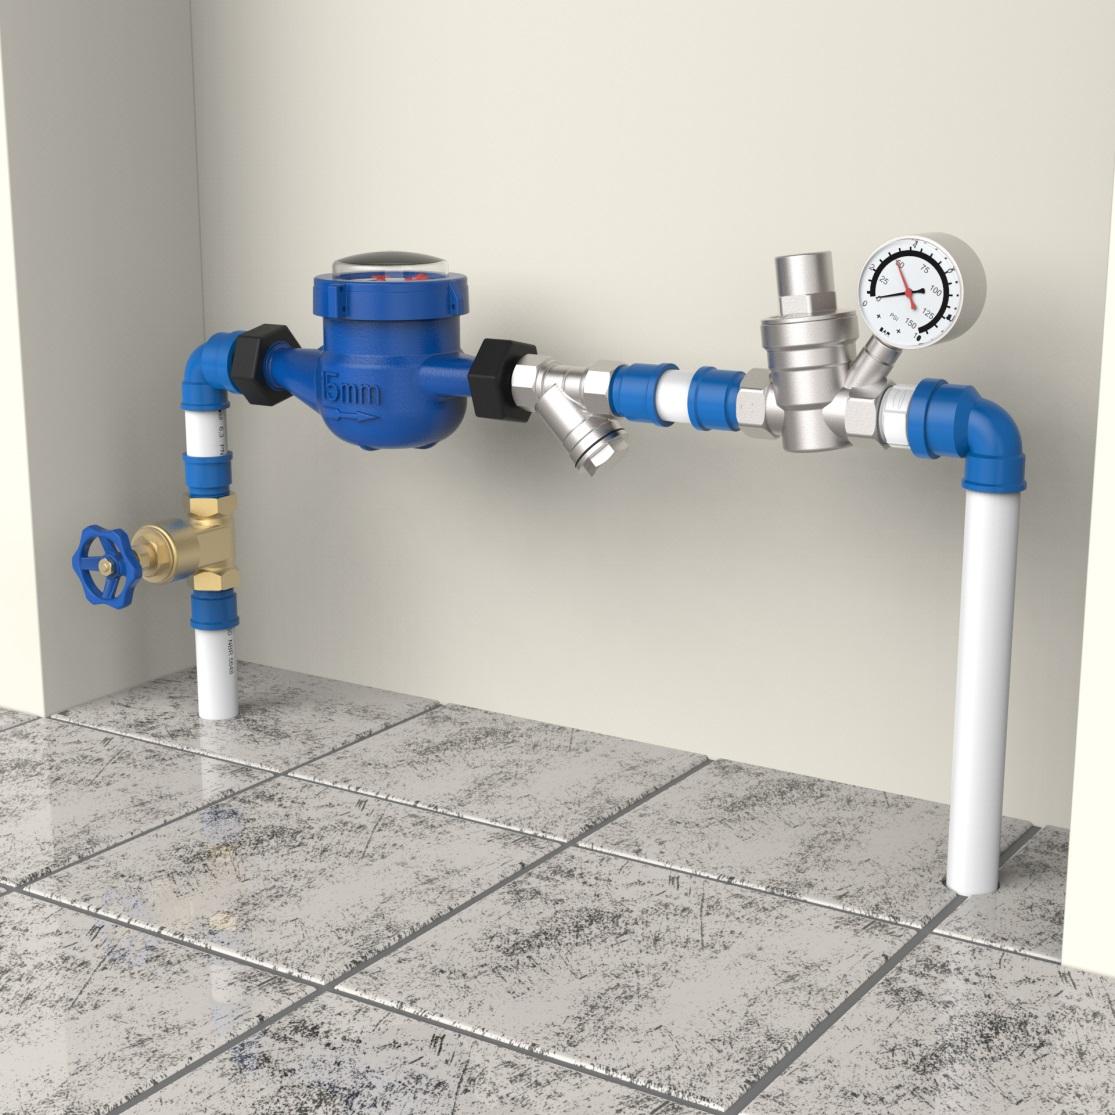 Noticias Blukit Soluções para instalações hidráulicas #234981 1115 1115